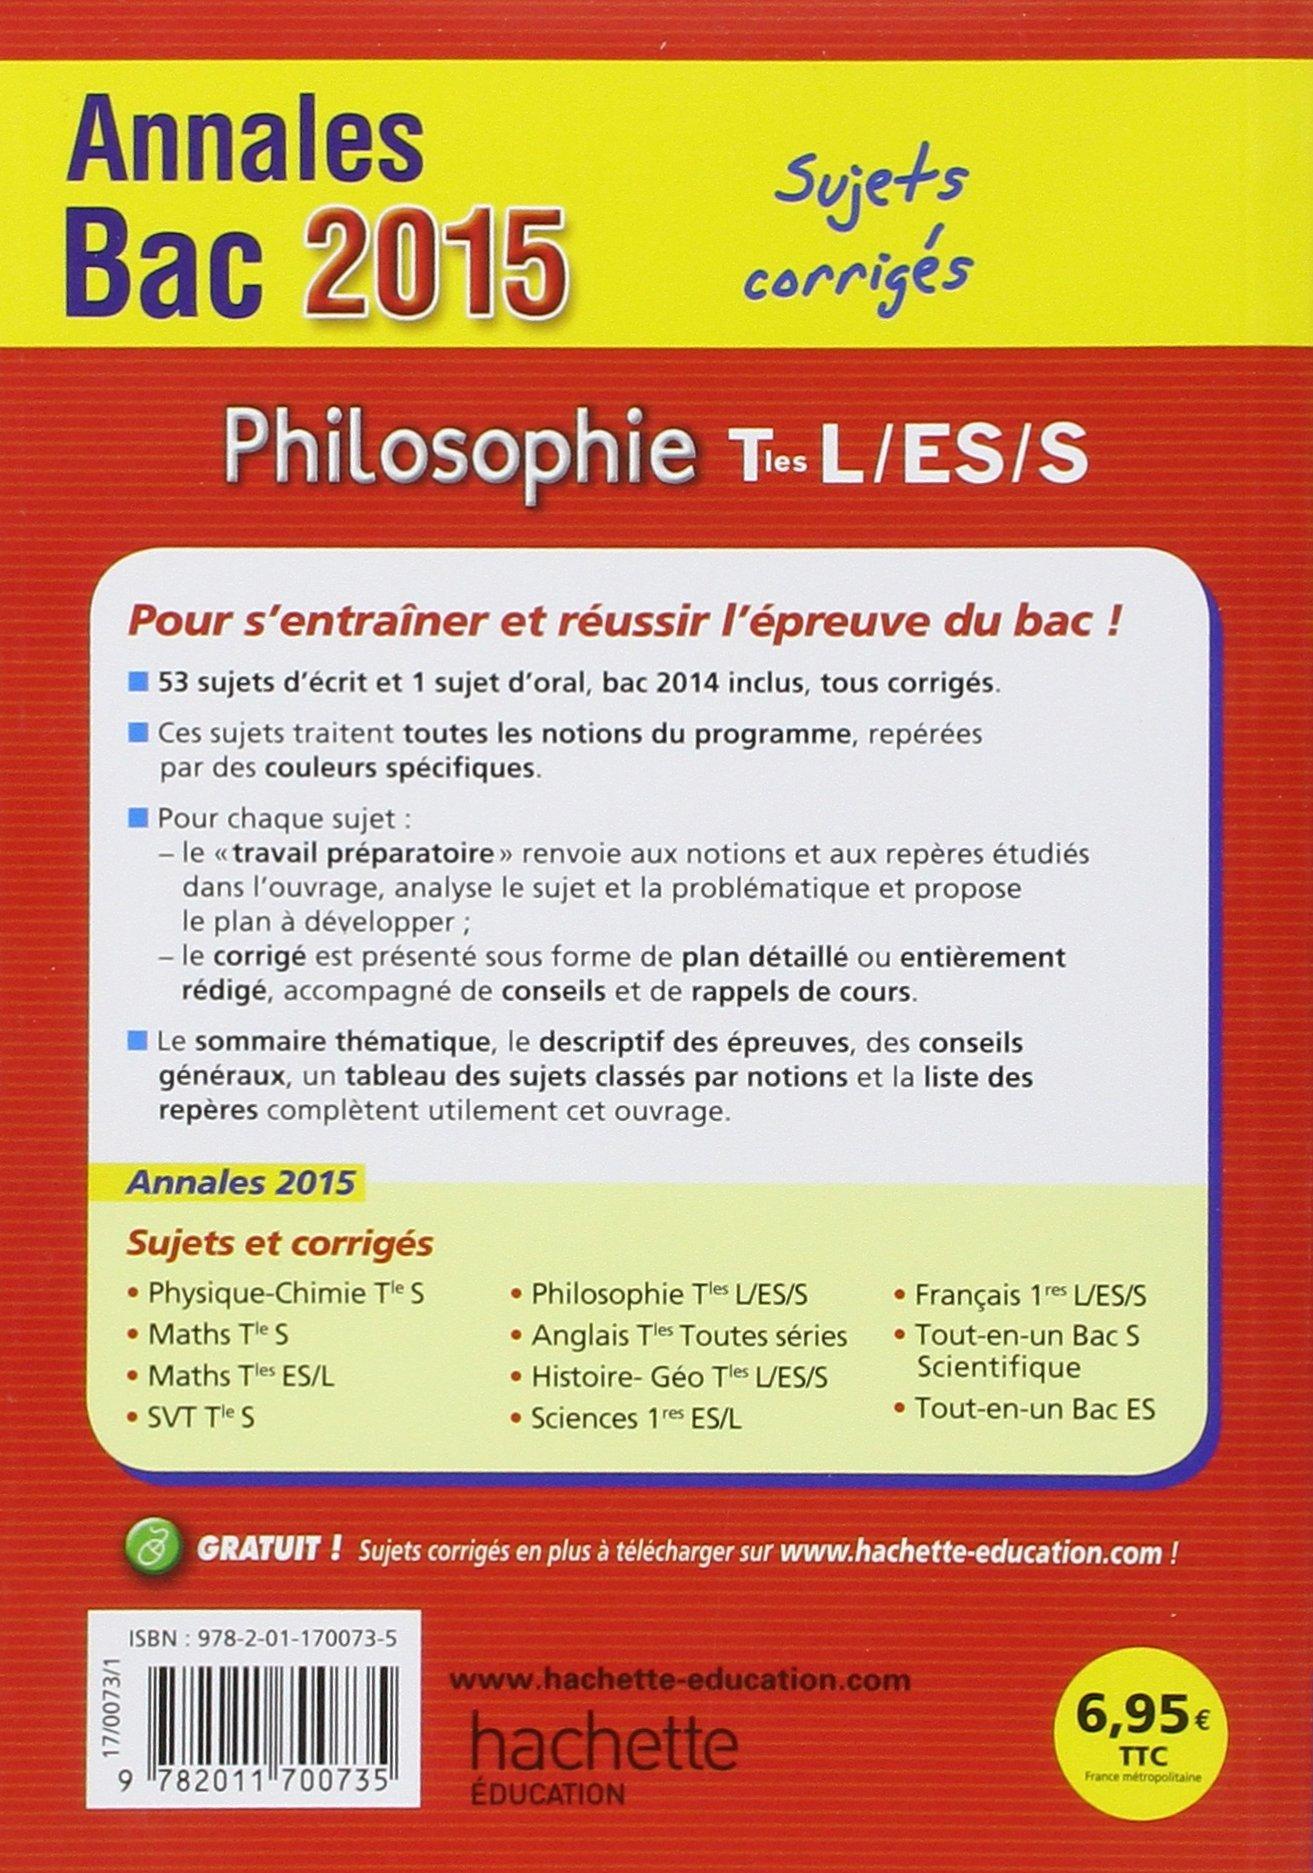 Annales Bac 2015 sujets et corrigés - Philosophie Terminales L, ES, S Annales du Bac: Amazon.es: Yohann Durand, Lisa Klein: Libros en idiomas extranjeros